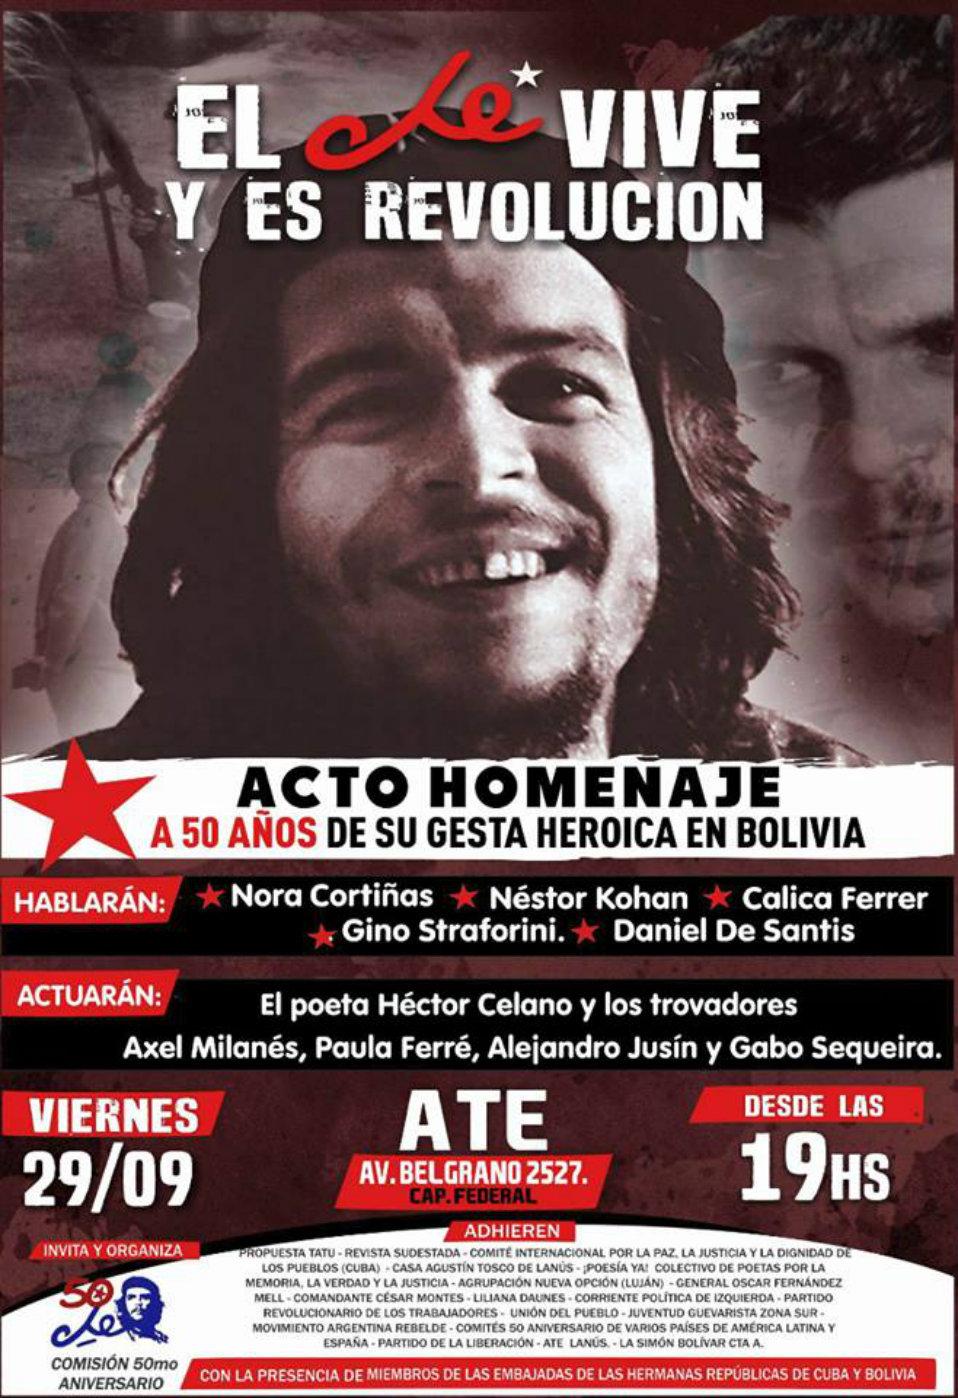 A 50 años de su gesta heroica en Bolivia-Acto-homenaje al Che en ATE- Belgrano 2527- Caba- 29/ 9 - A las 19 horas